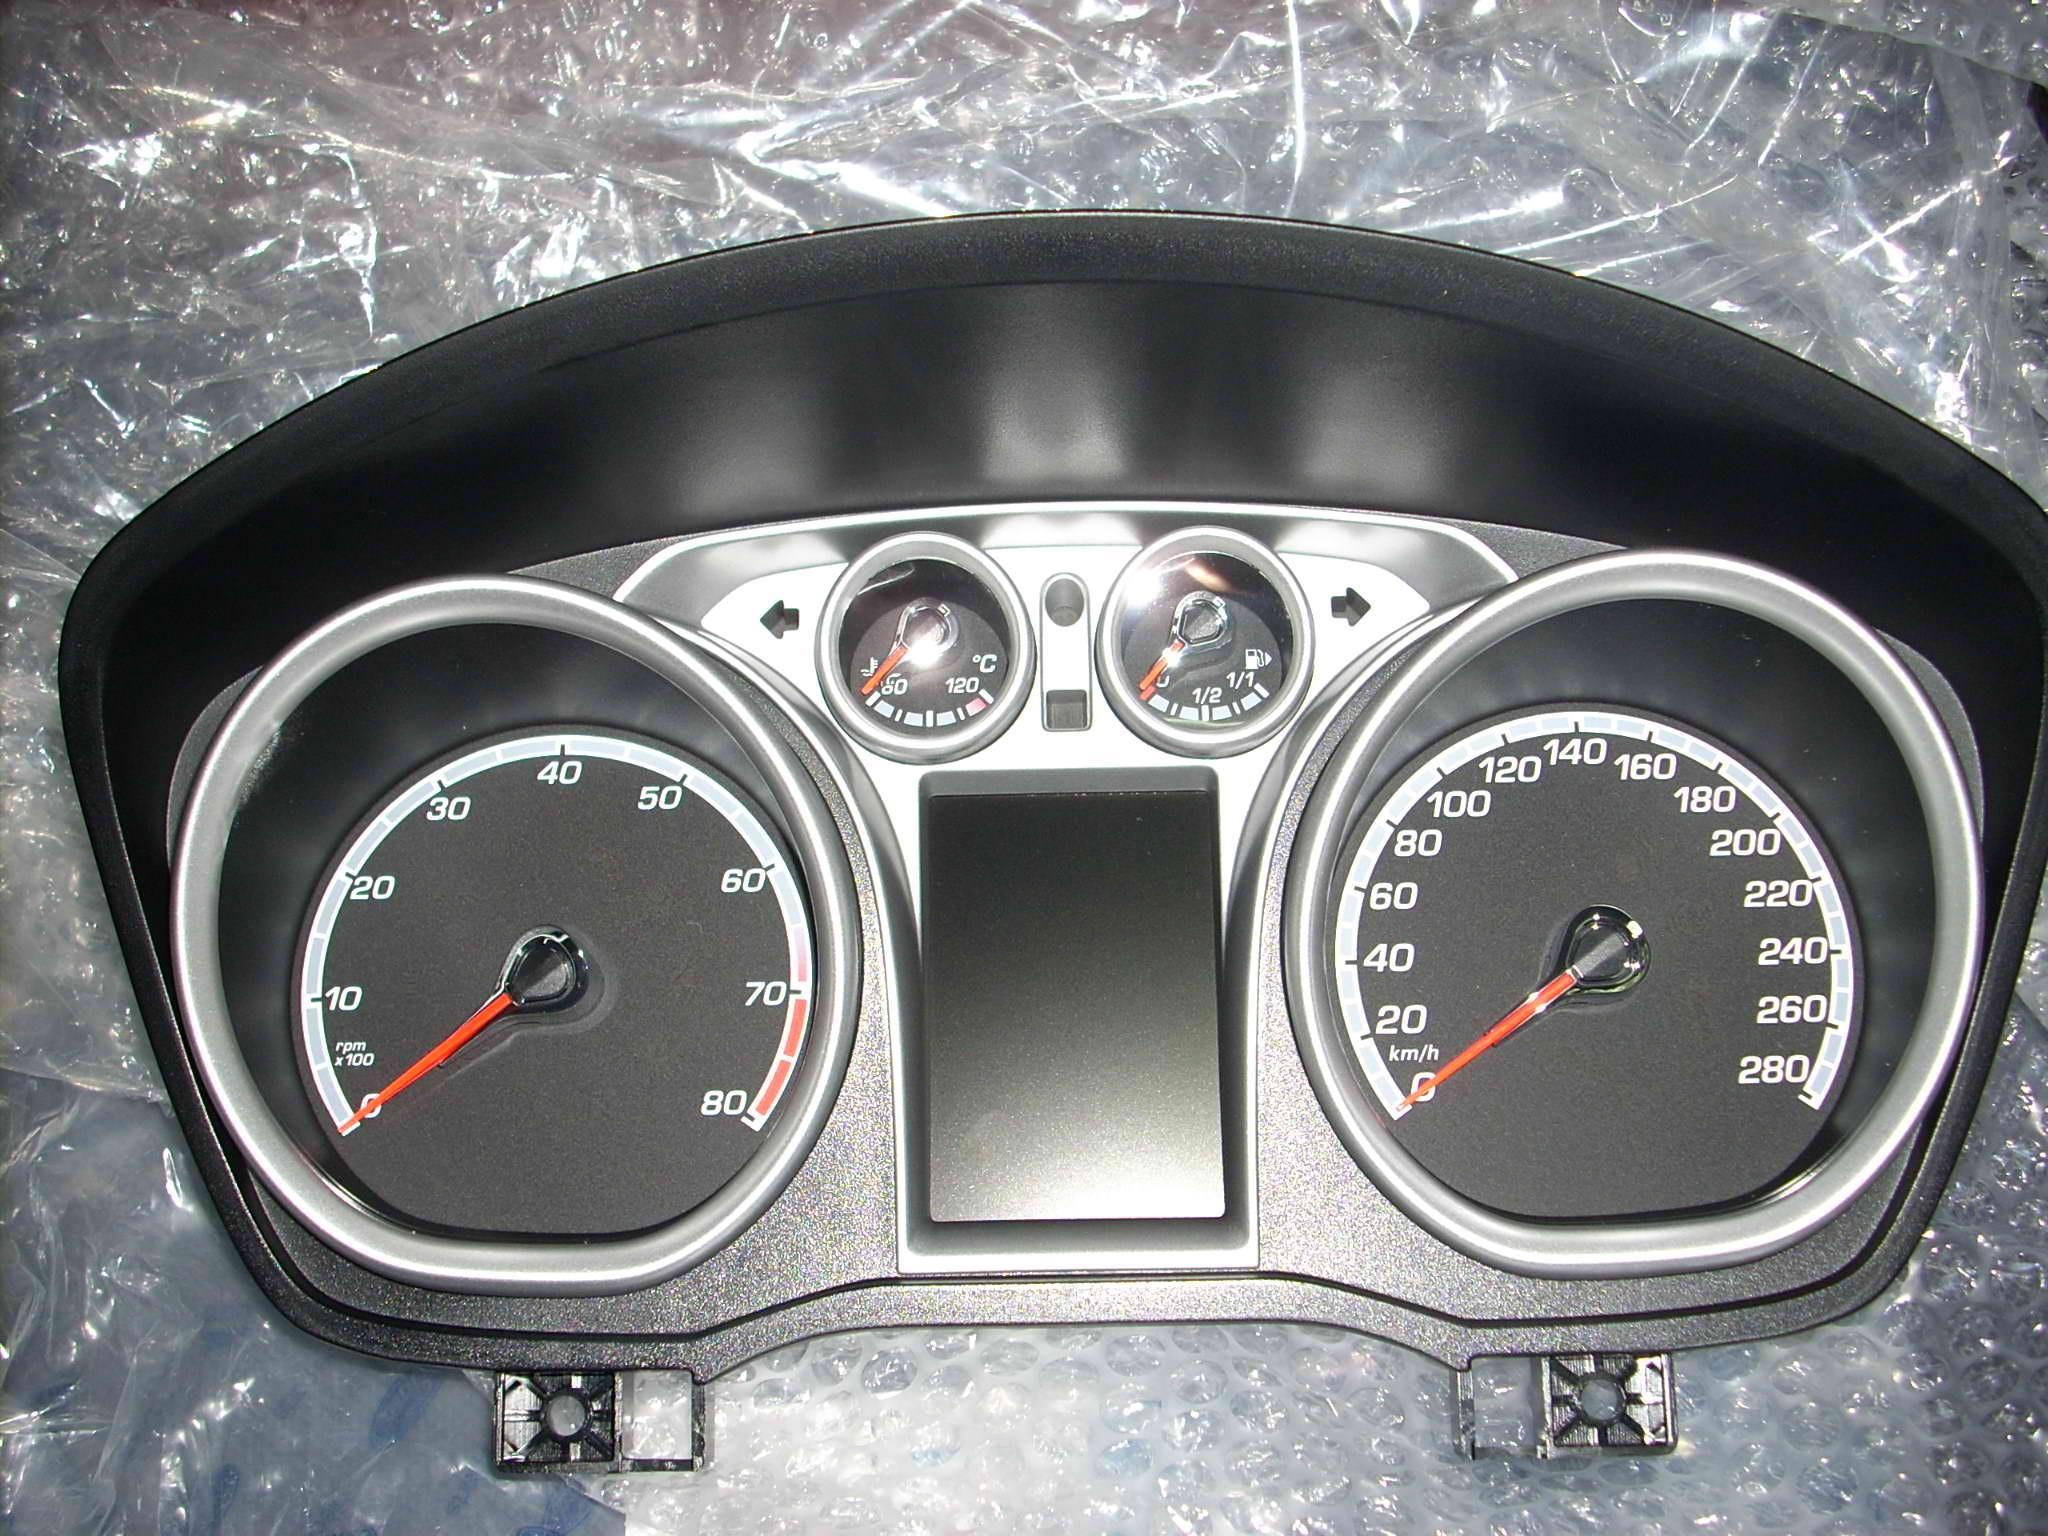 GENUINE FORD FOCUS RS MK2 INSTRUMENT CLUSTER - Ford - Gauges